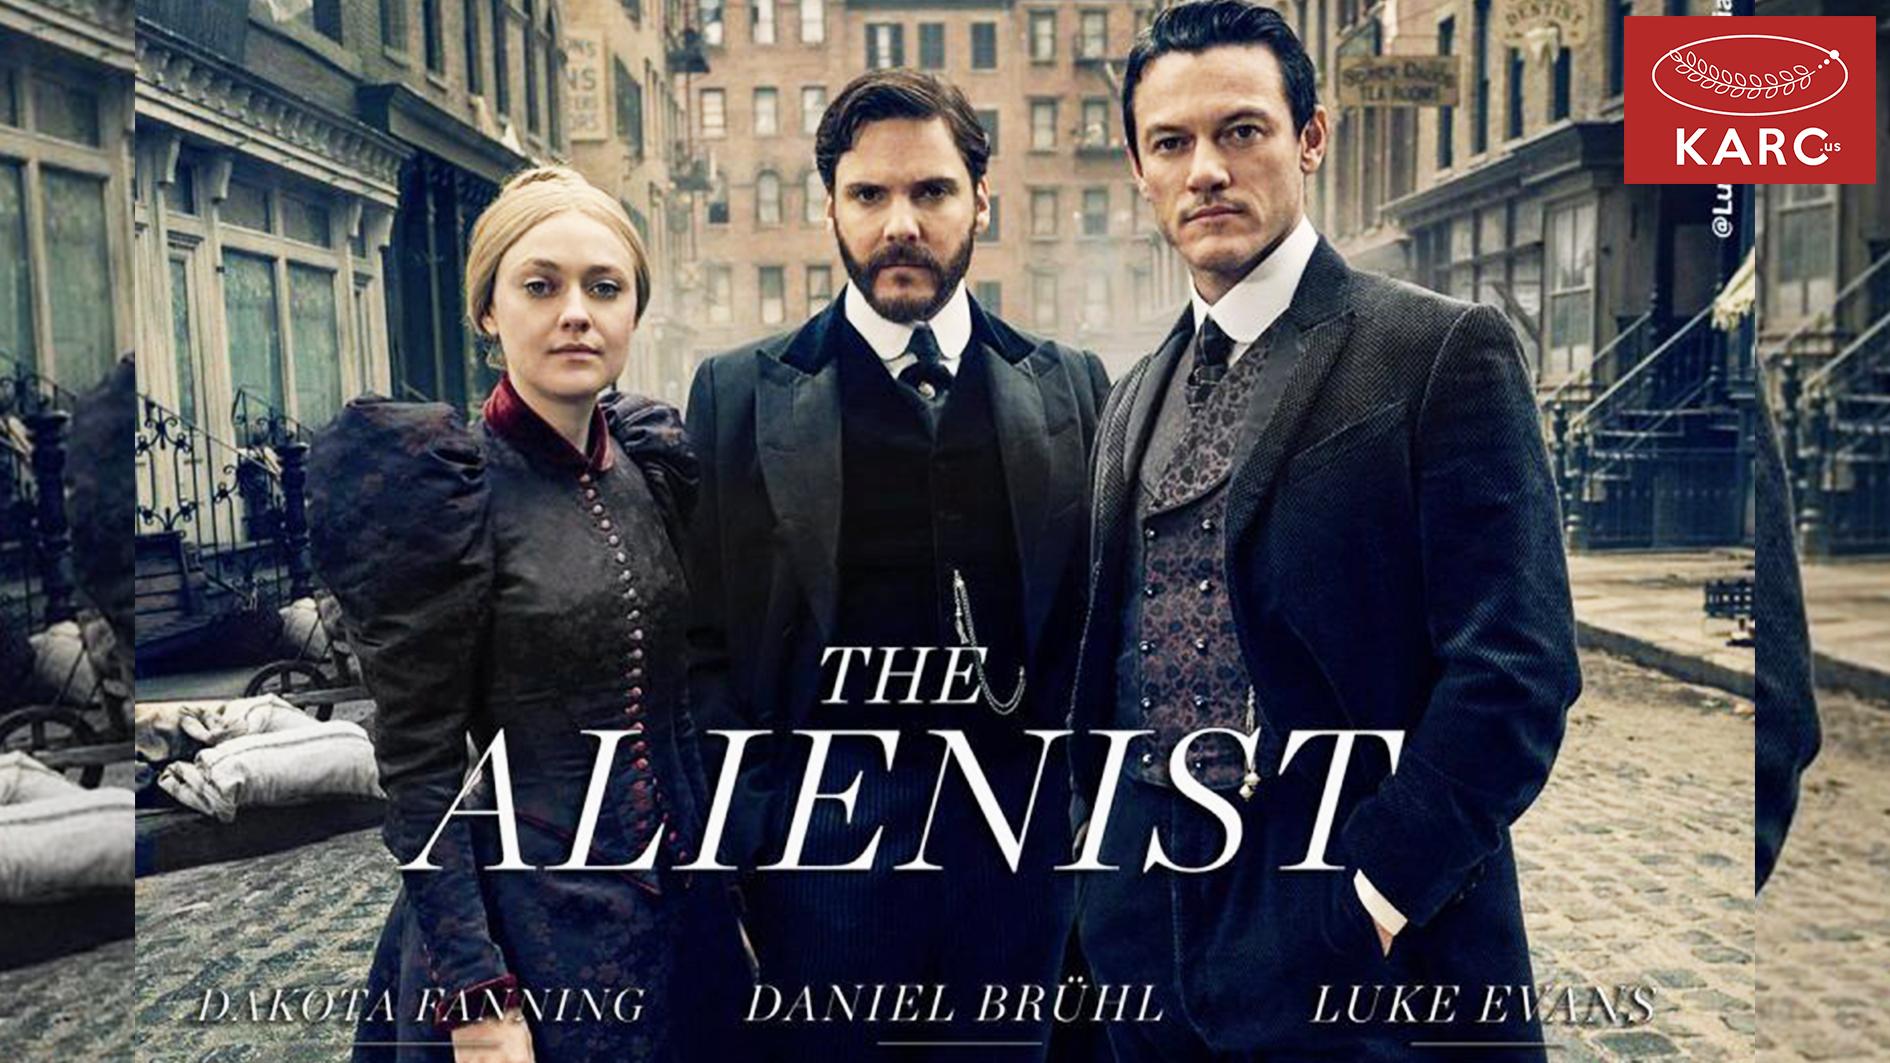 รีวิวซีรี่ย์ Netflix The Alienist ตามล่าฆาตกรโรคจิต karc.us , วงการภาพยนต์ , แนะนำหนังดี , แนะนำหนังน่าดูหนังน่าดู , รีวิวหนังใหม่ , ก่อนตายต้องได้ดู! , ข่าวดารา , ข่าวเด่นประเด็นร้อน , รีวิวหนังใหม่ , หนังดังในอดีต